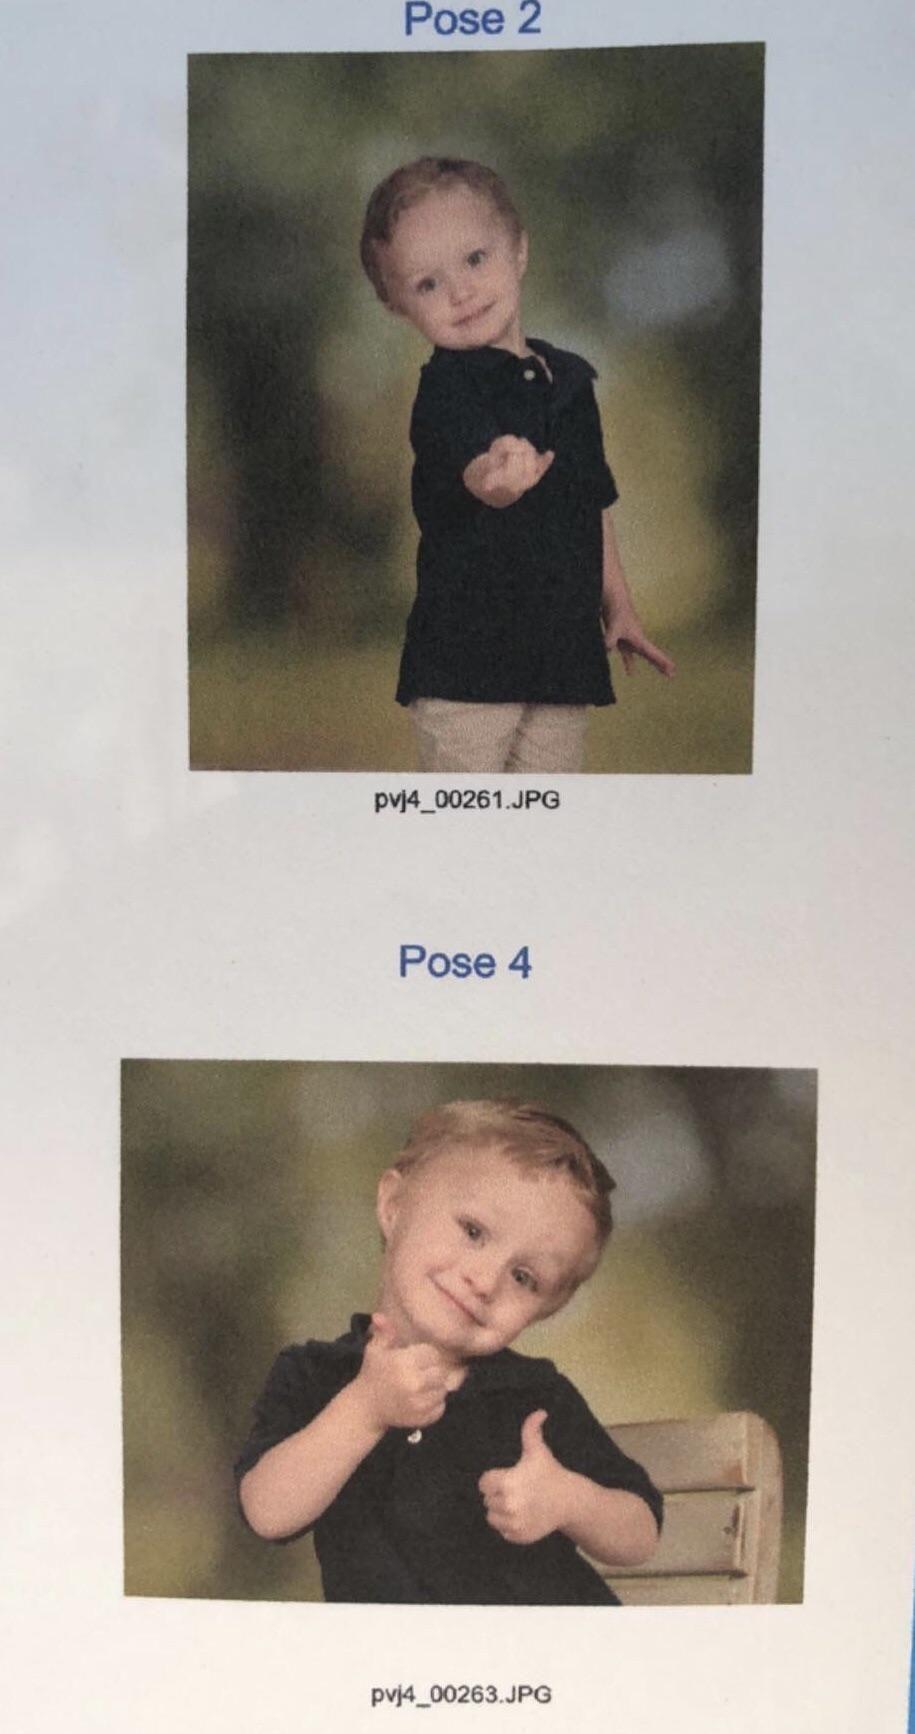 My nephew's school pictures